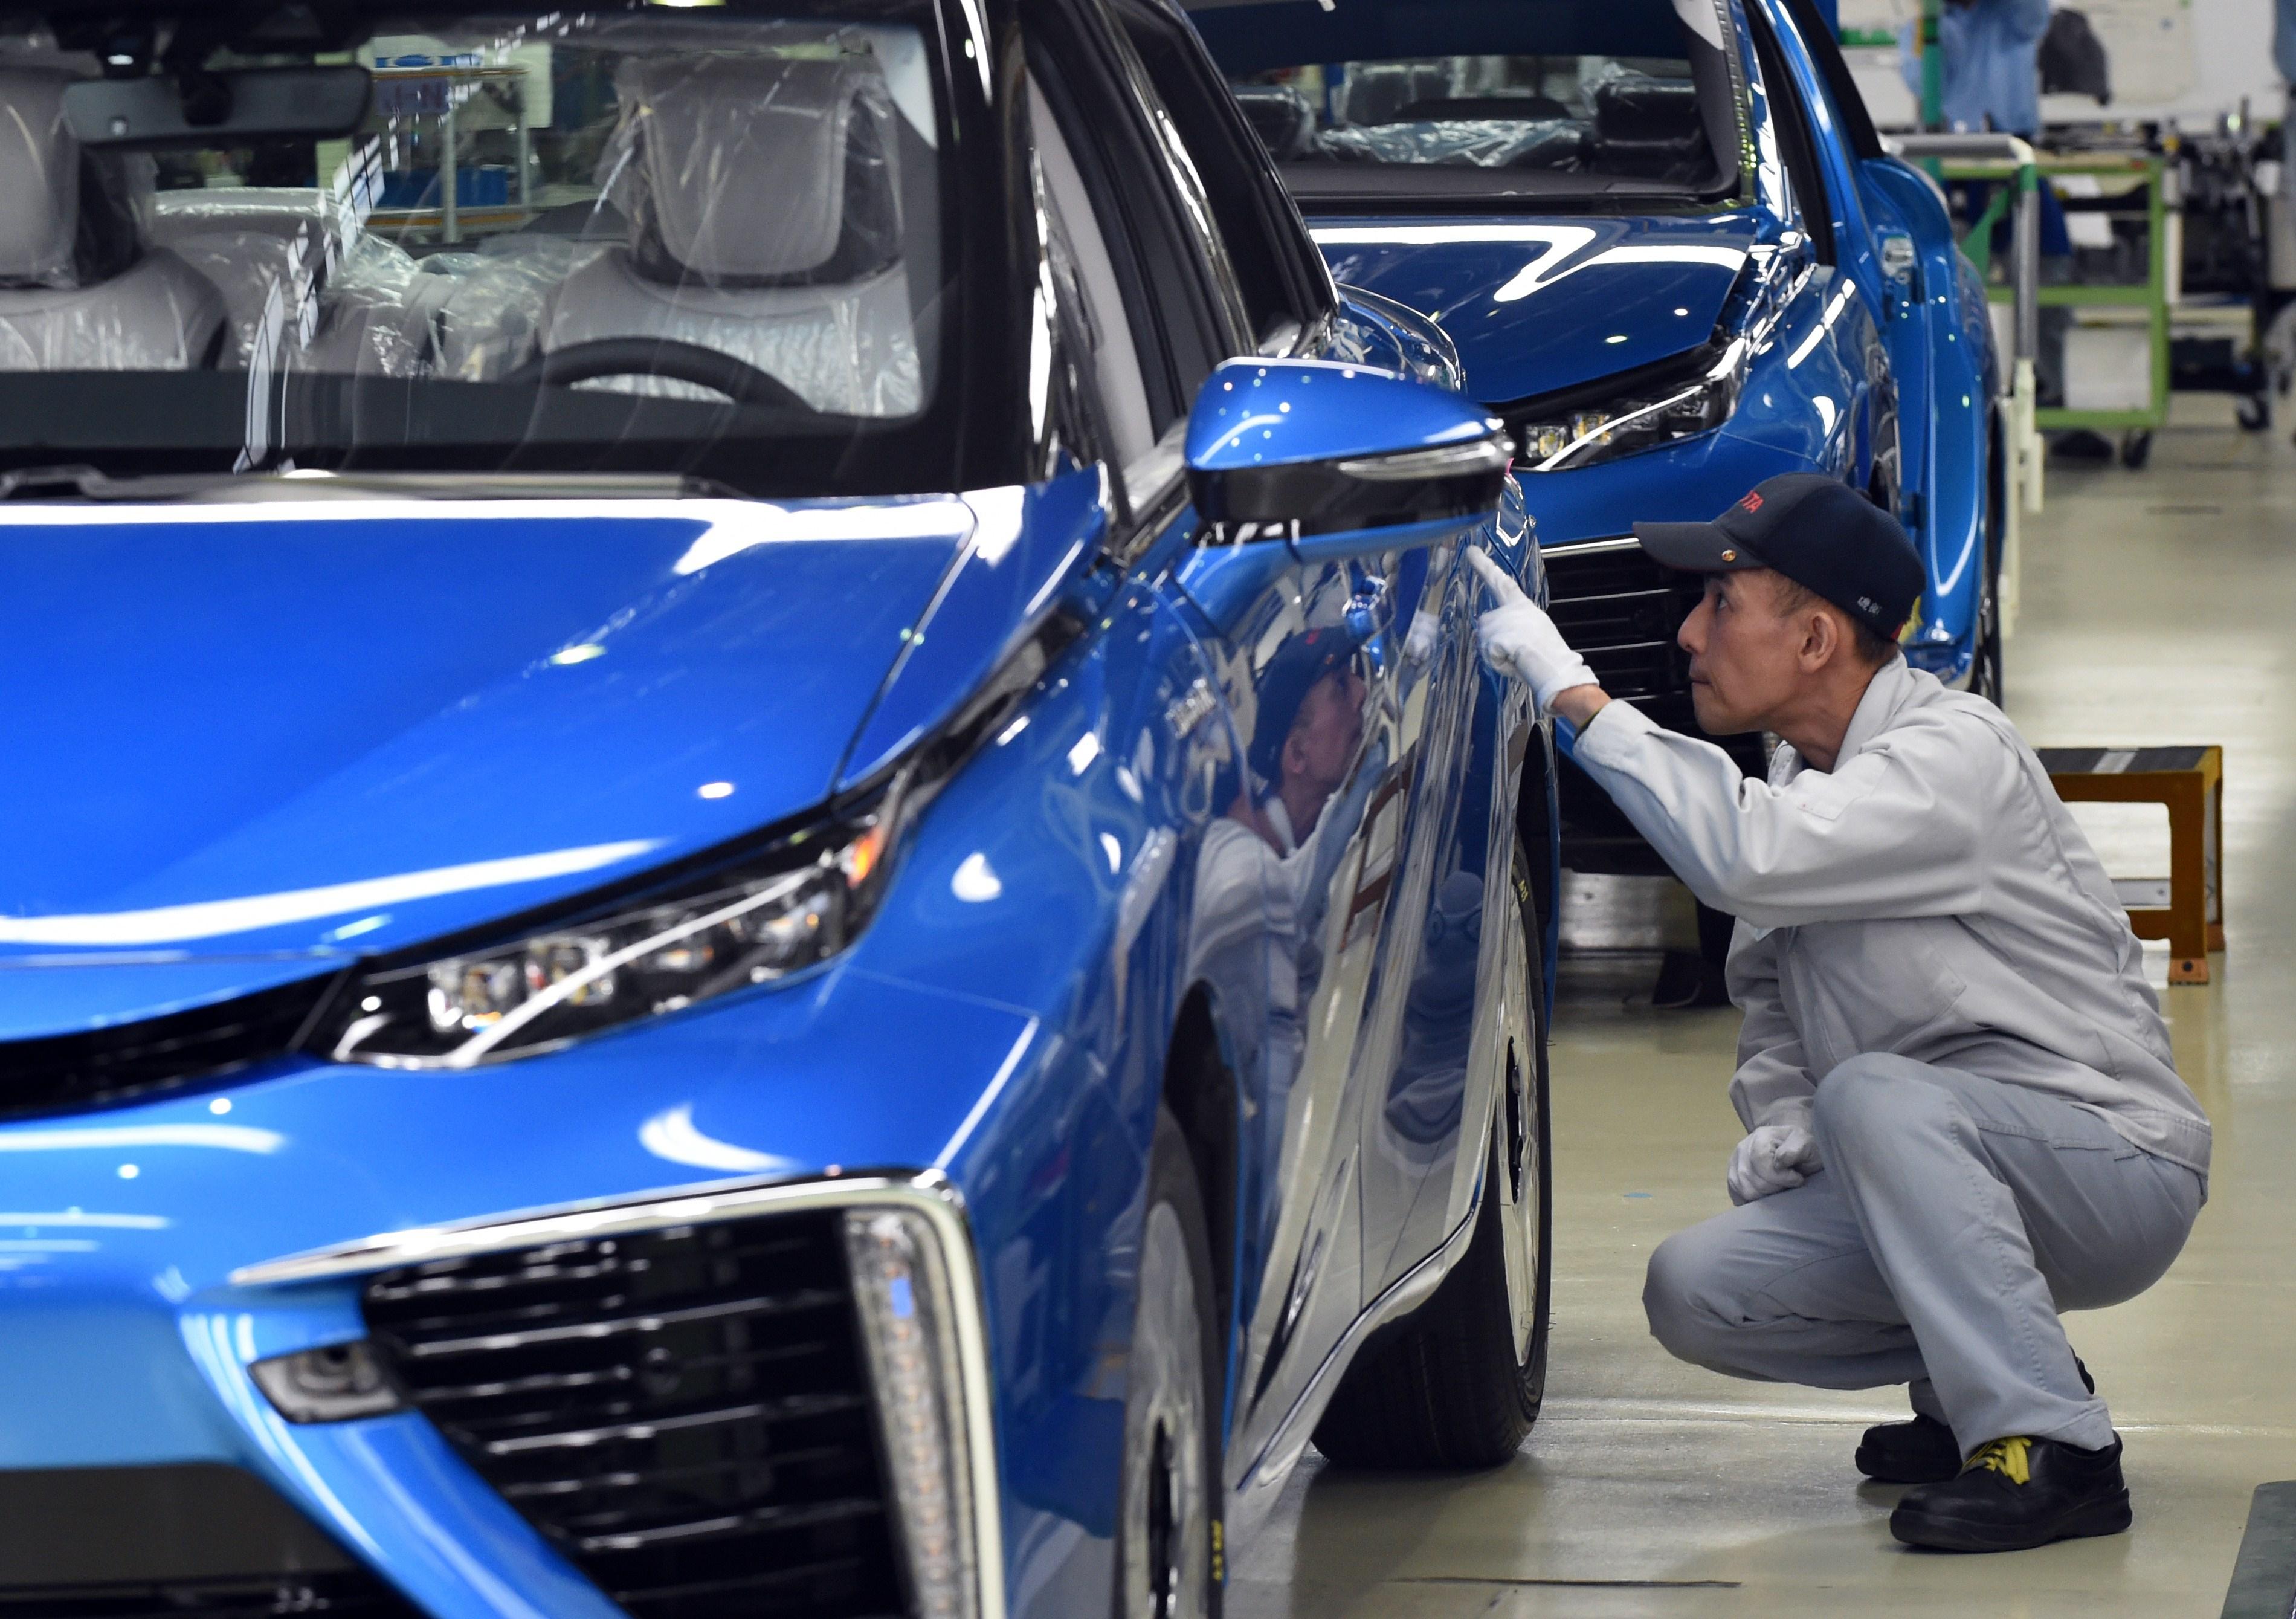 Umbau der Wirtschaft: IG Metall warnt vor überzogenen Vorstellungen beim Klimaschutz